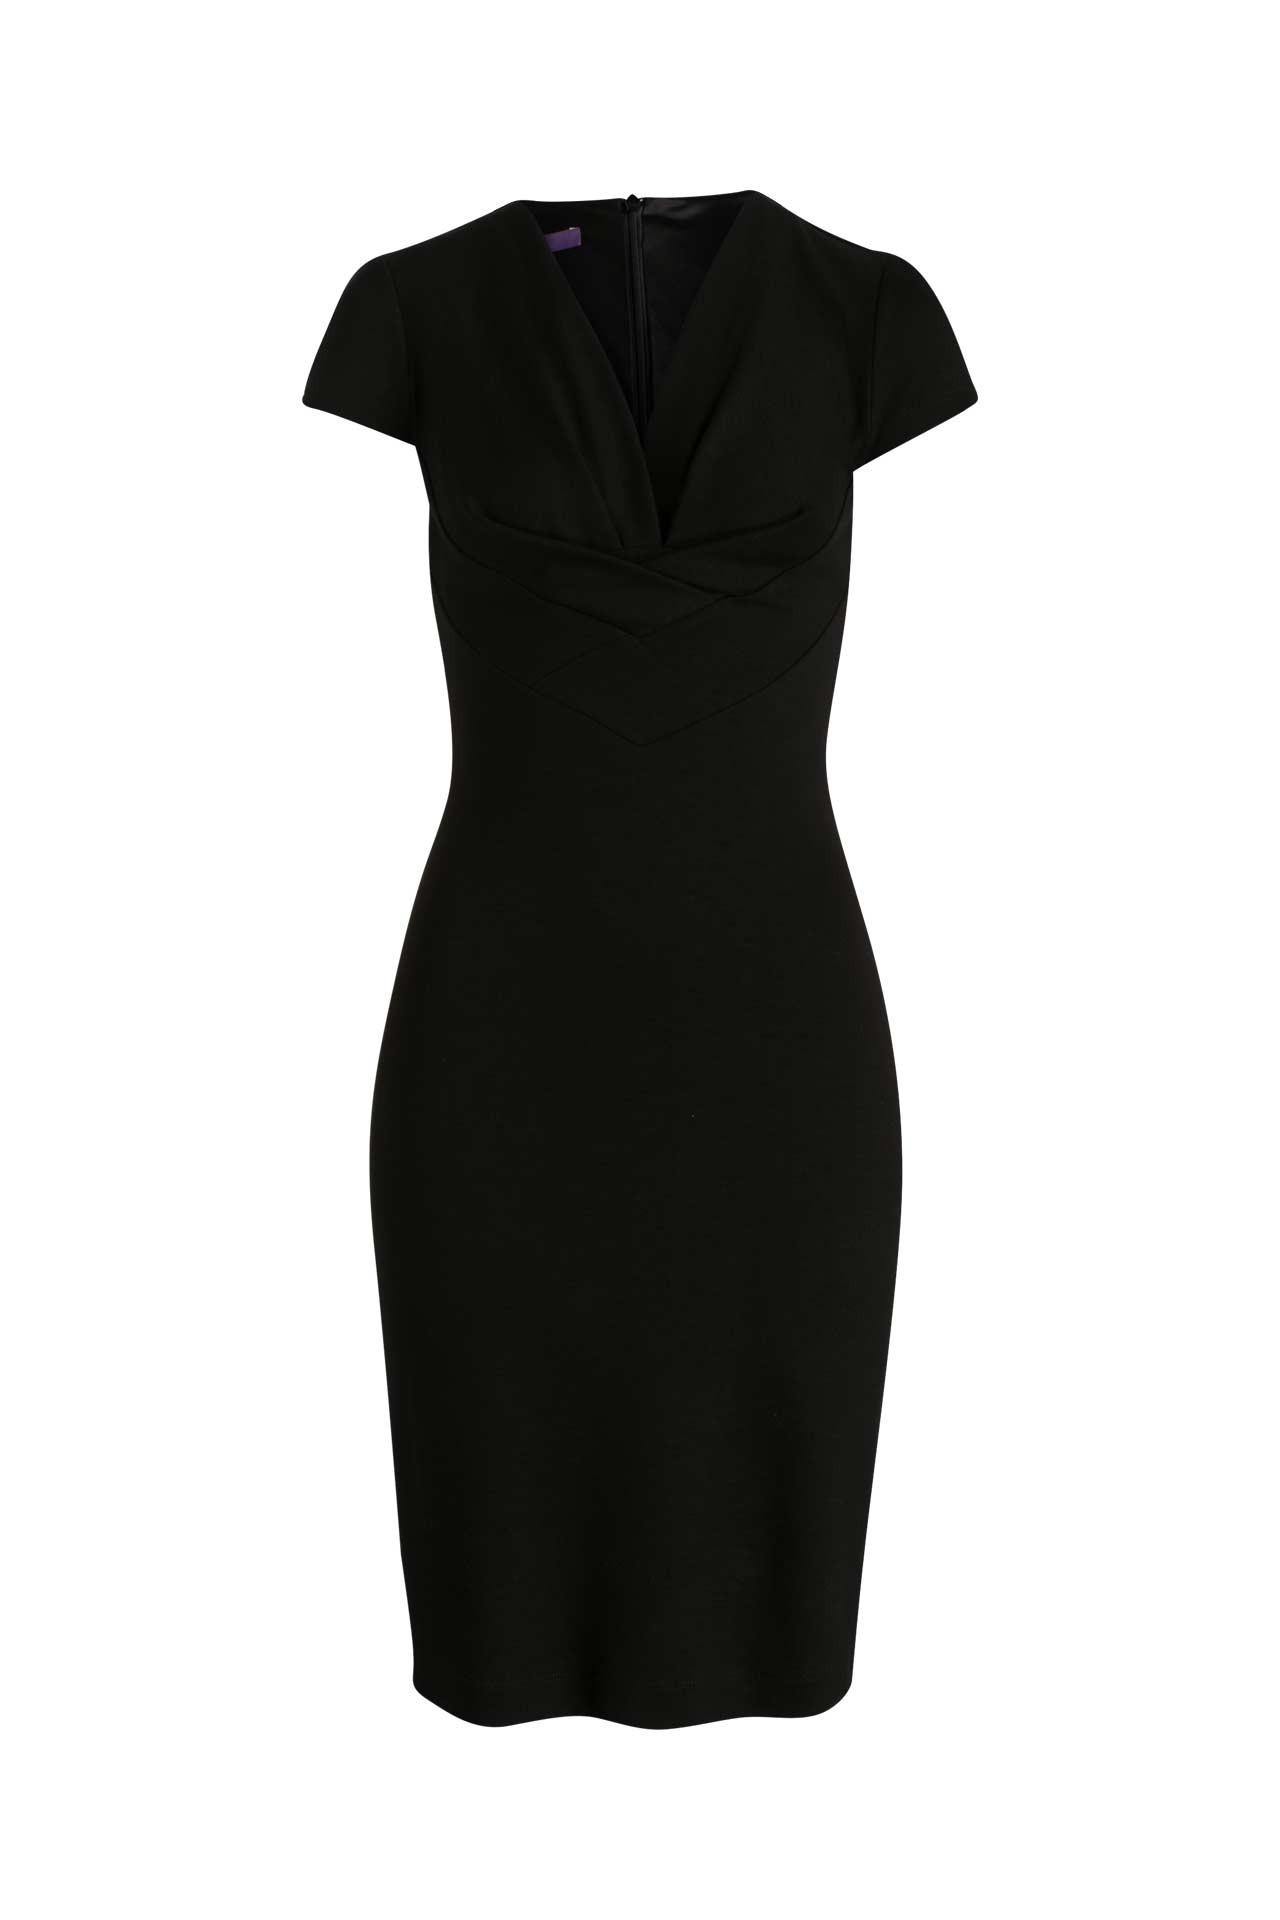 Jerseykleid Schwarz  Laurèl » Günstig Online Kaufen